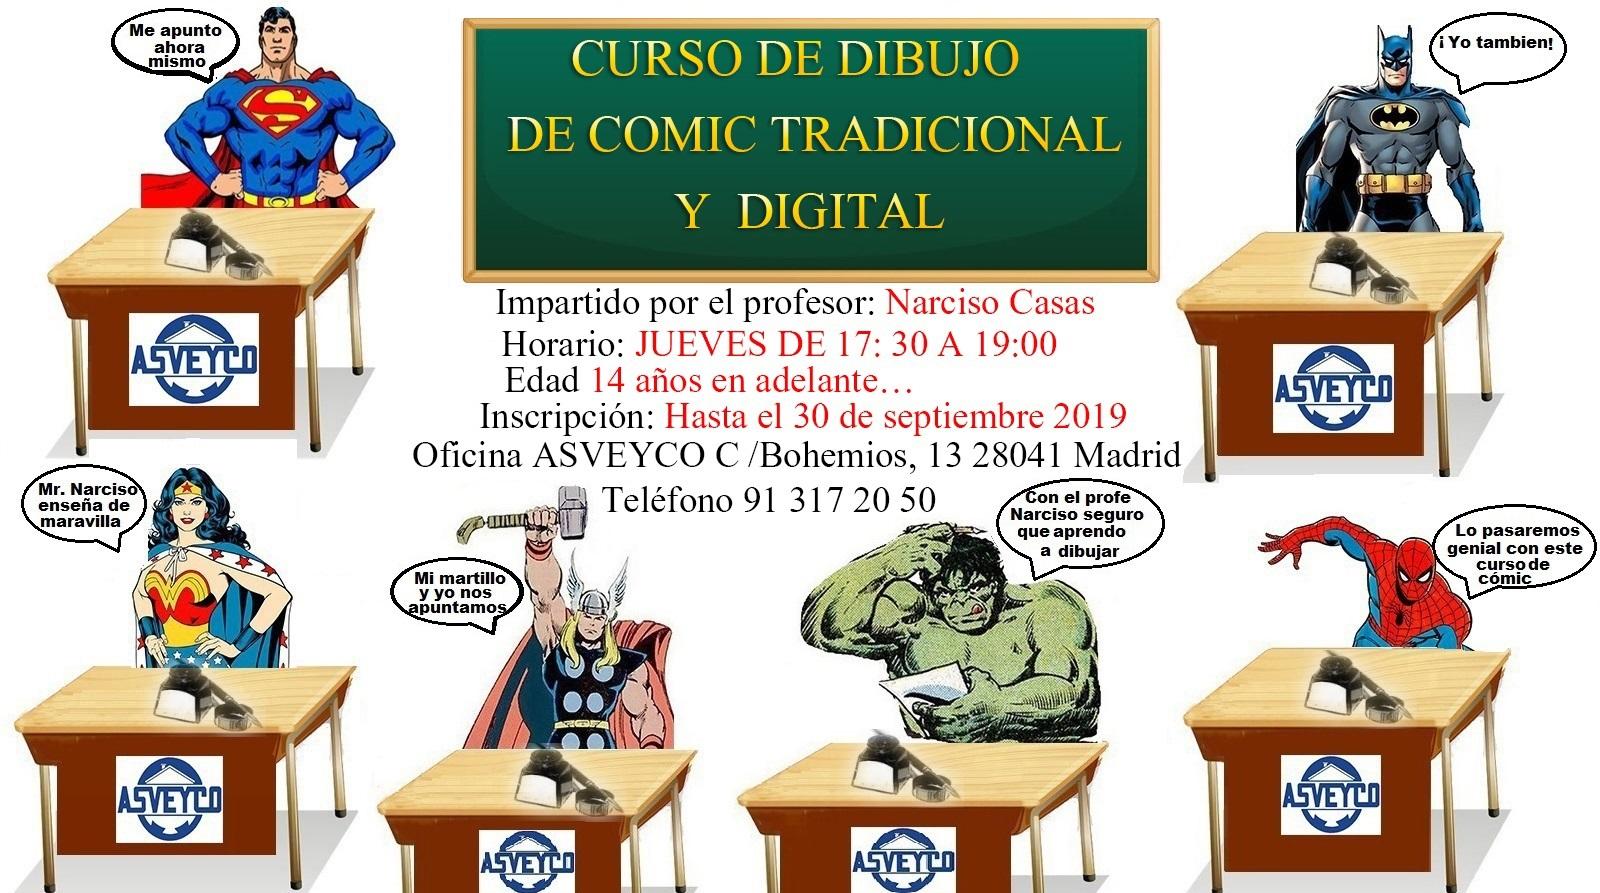 CURSO DE DIBUJO DE CÓMIC TRADICIONAL Y DIGITAL